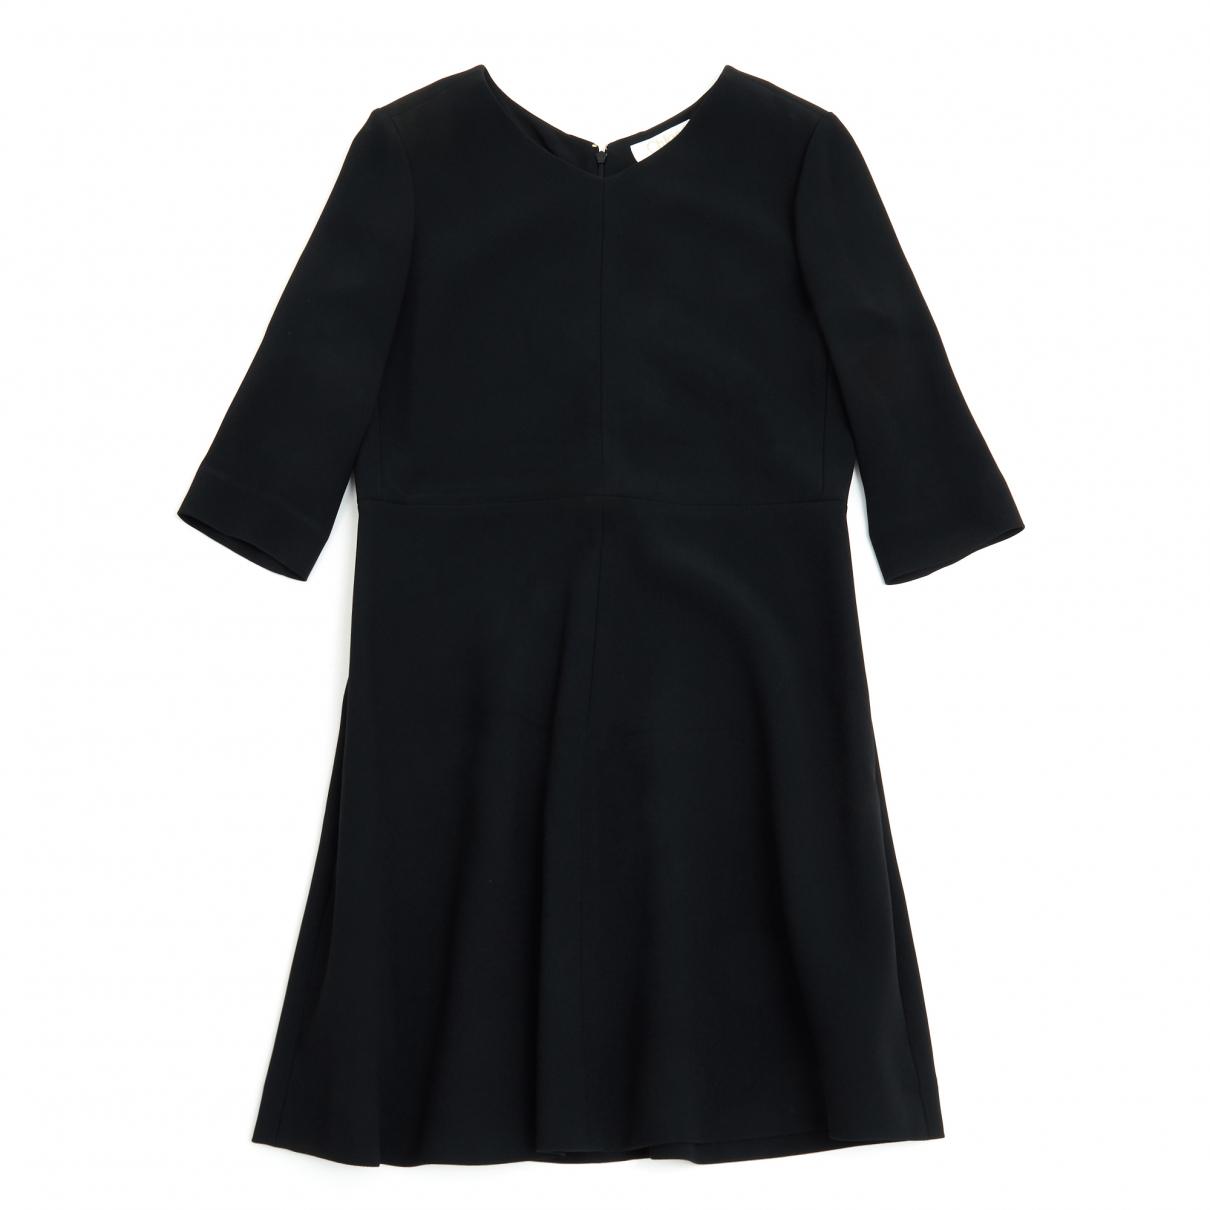 Chloe \N Kleid in  Schwarz Synthetik